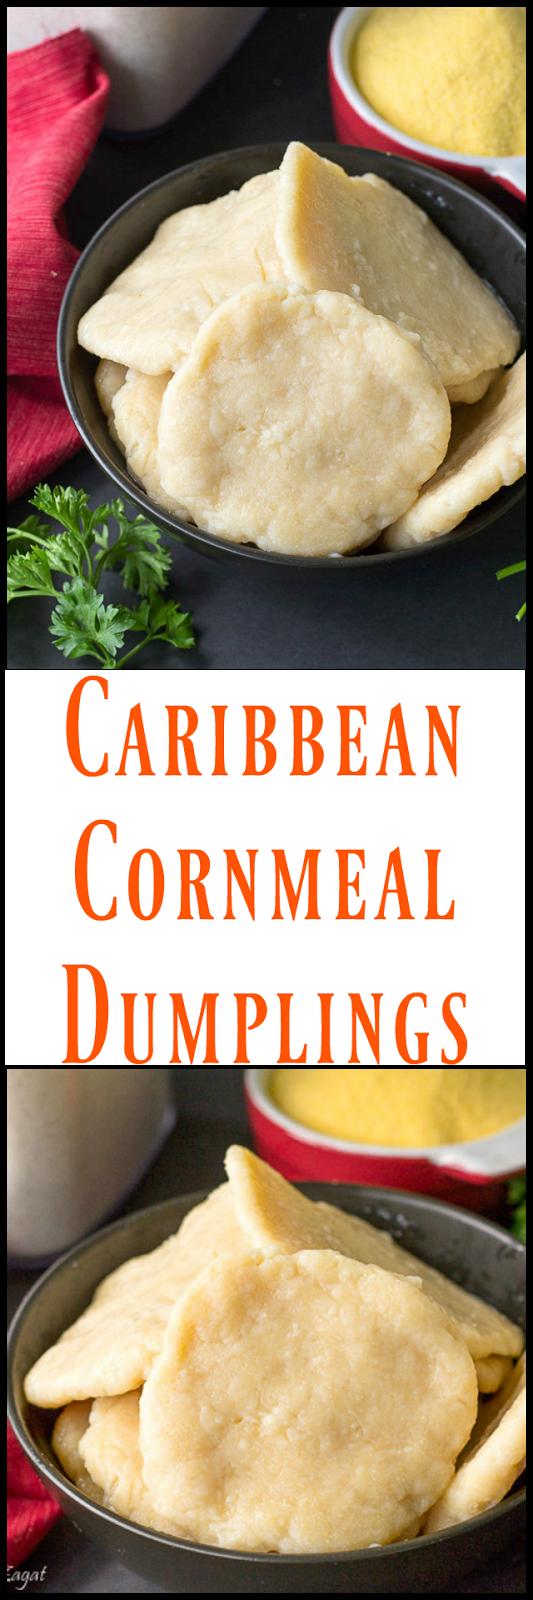 Caribbean Cornmeal Dumpling Recipe